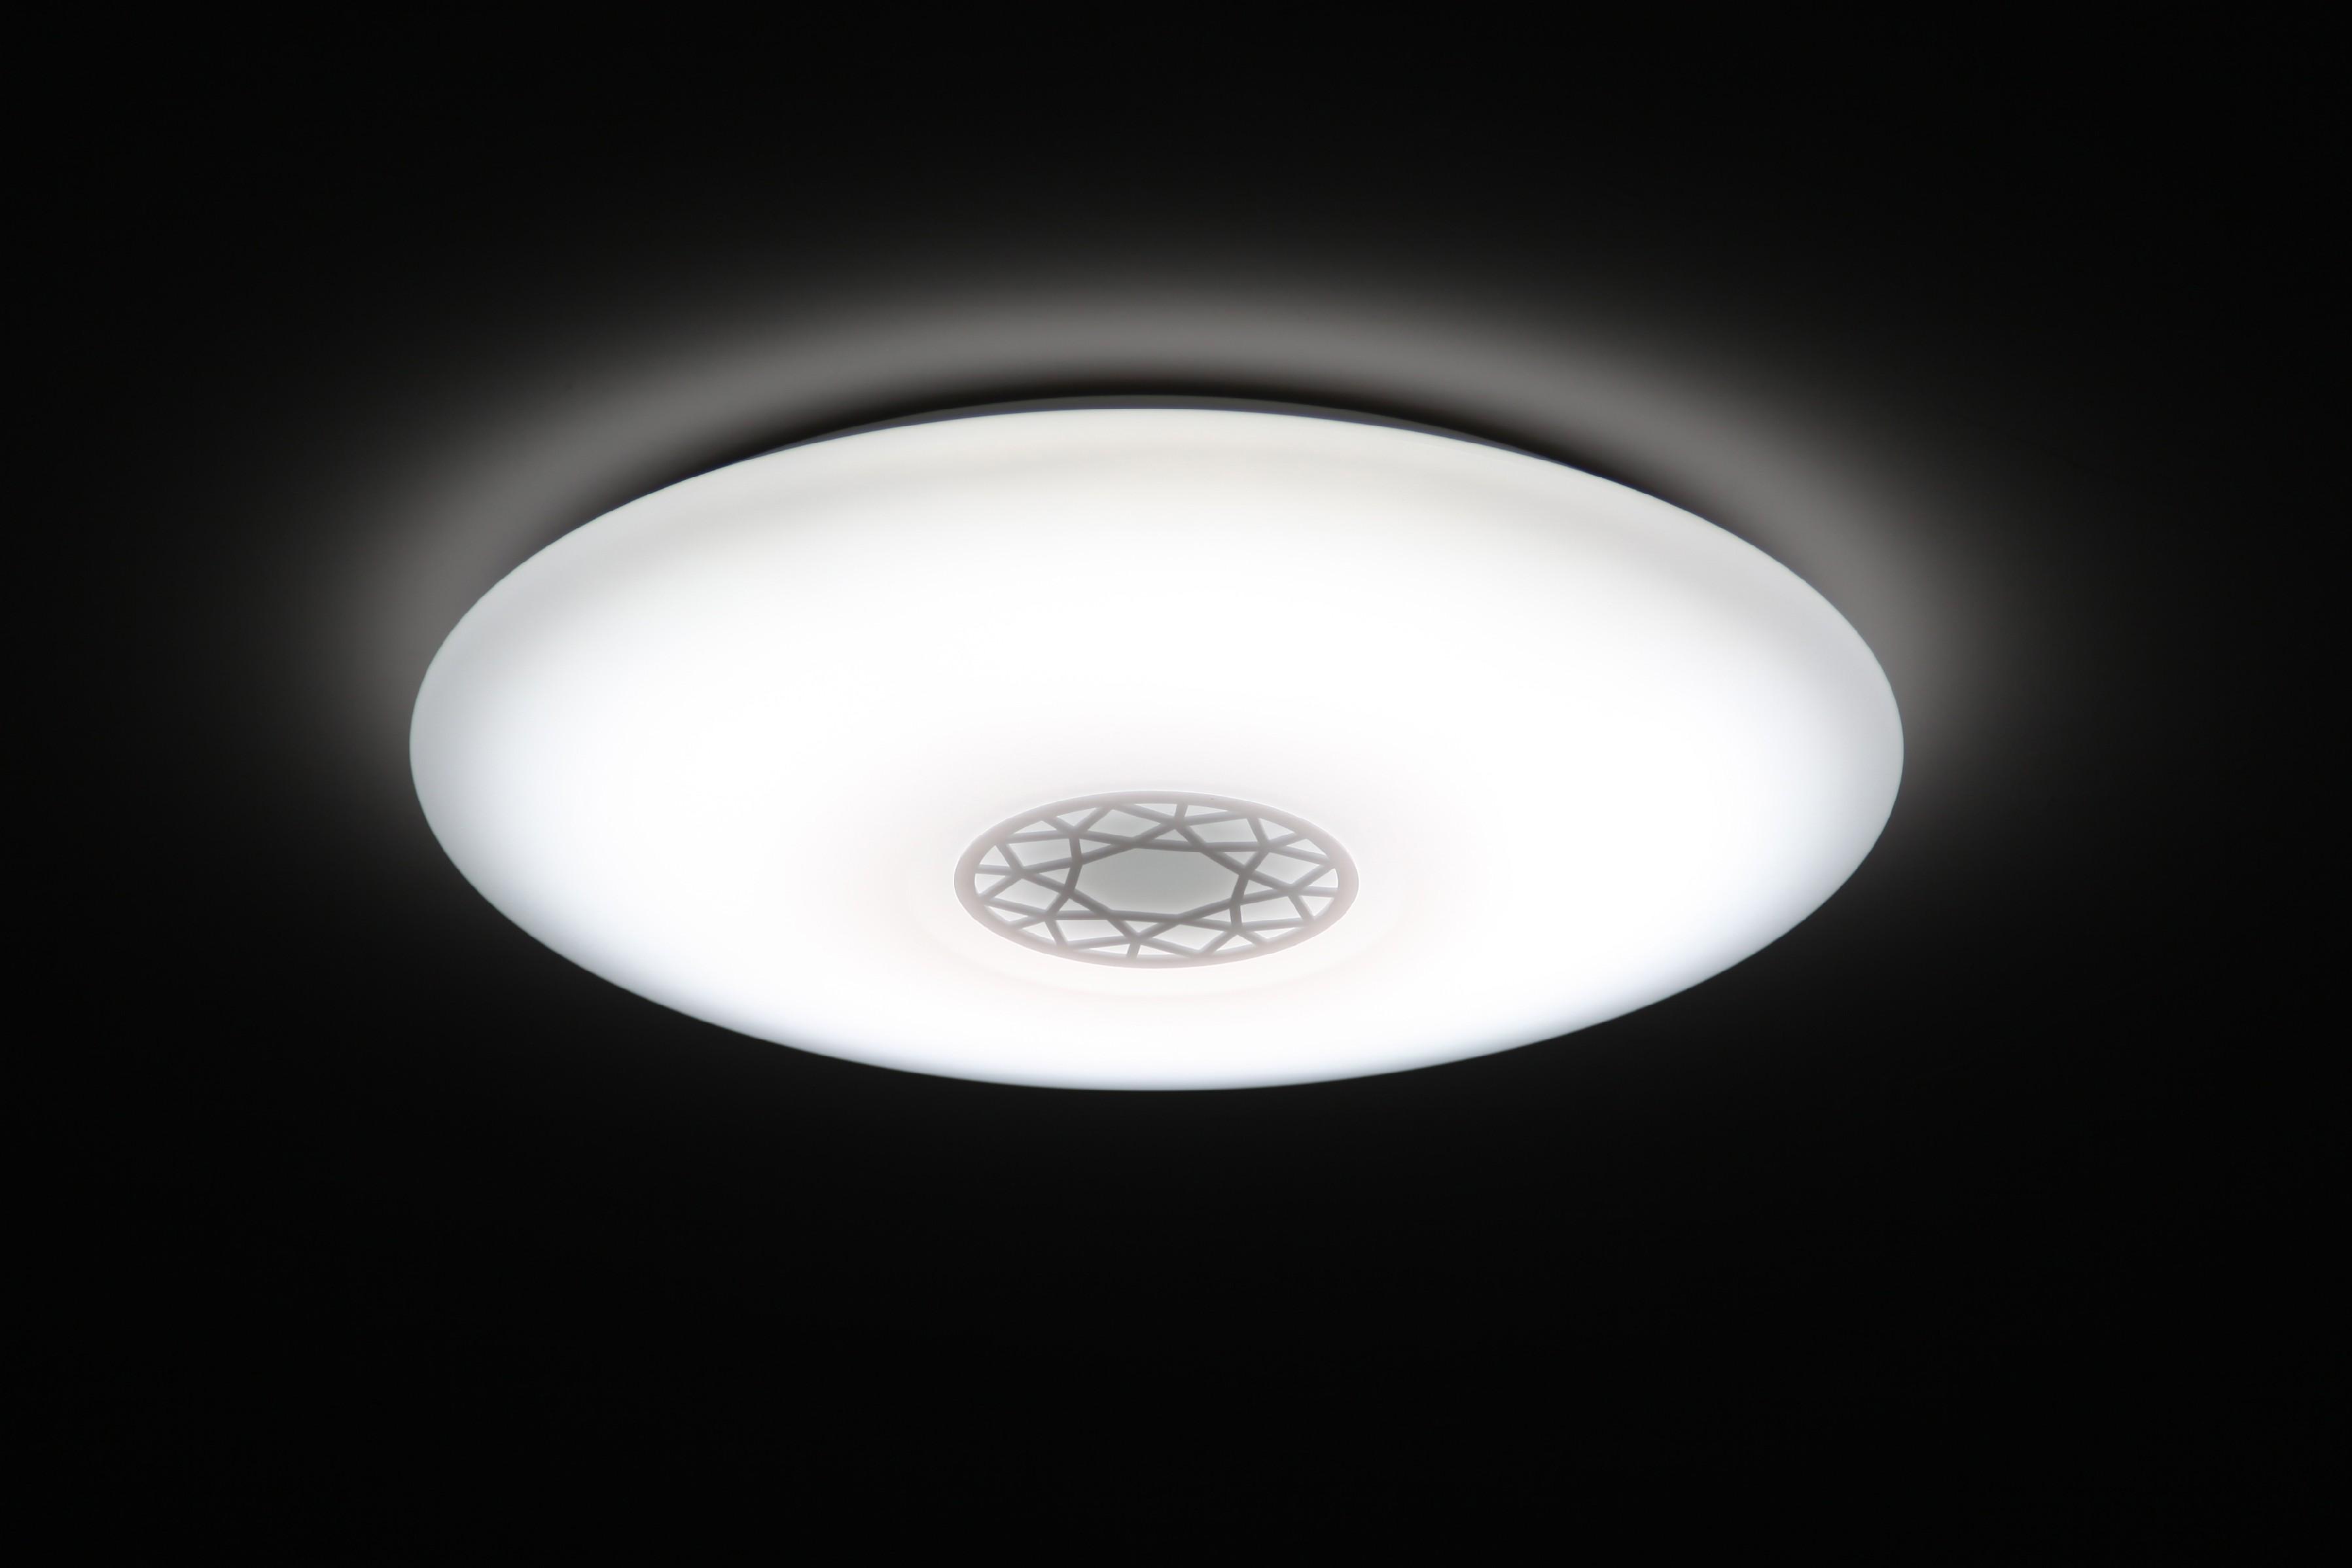 Inteligentní ECO LED svítidlo - Dalen DL-C406T + LED lampička Argus Vela (různé barvy)